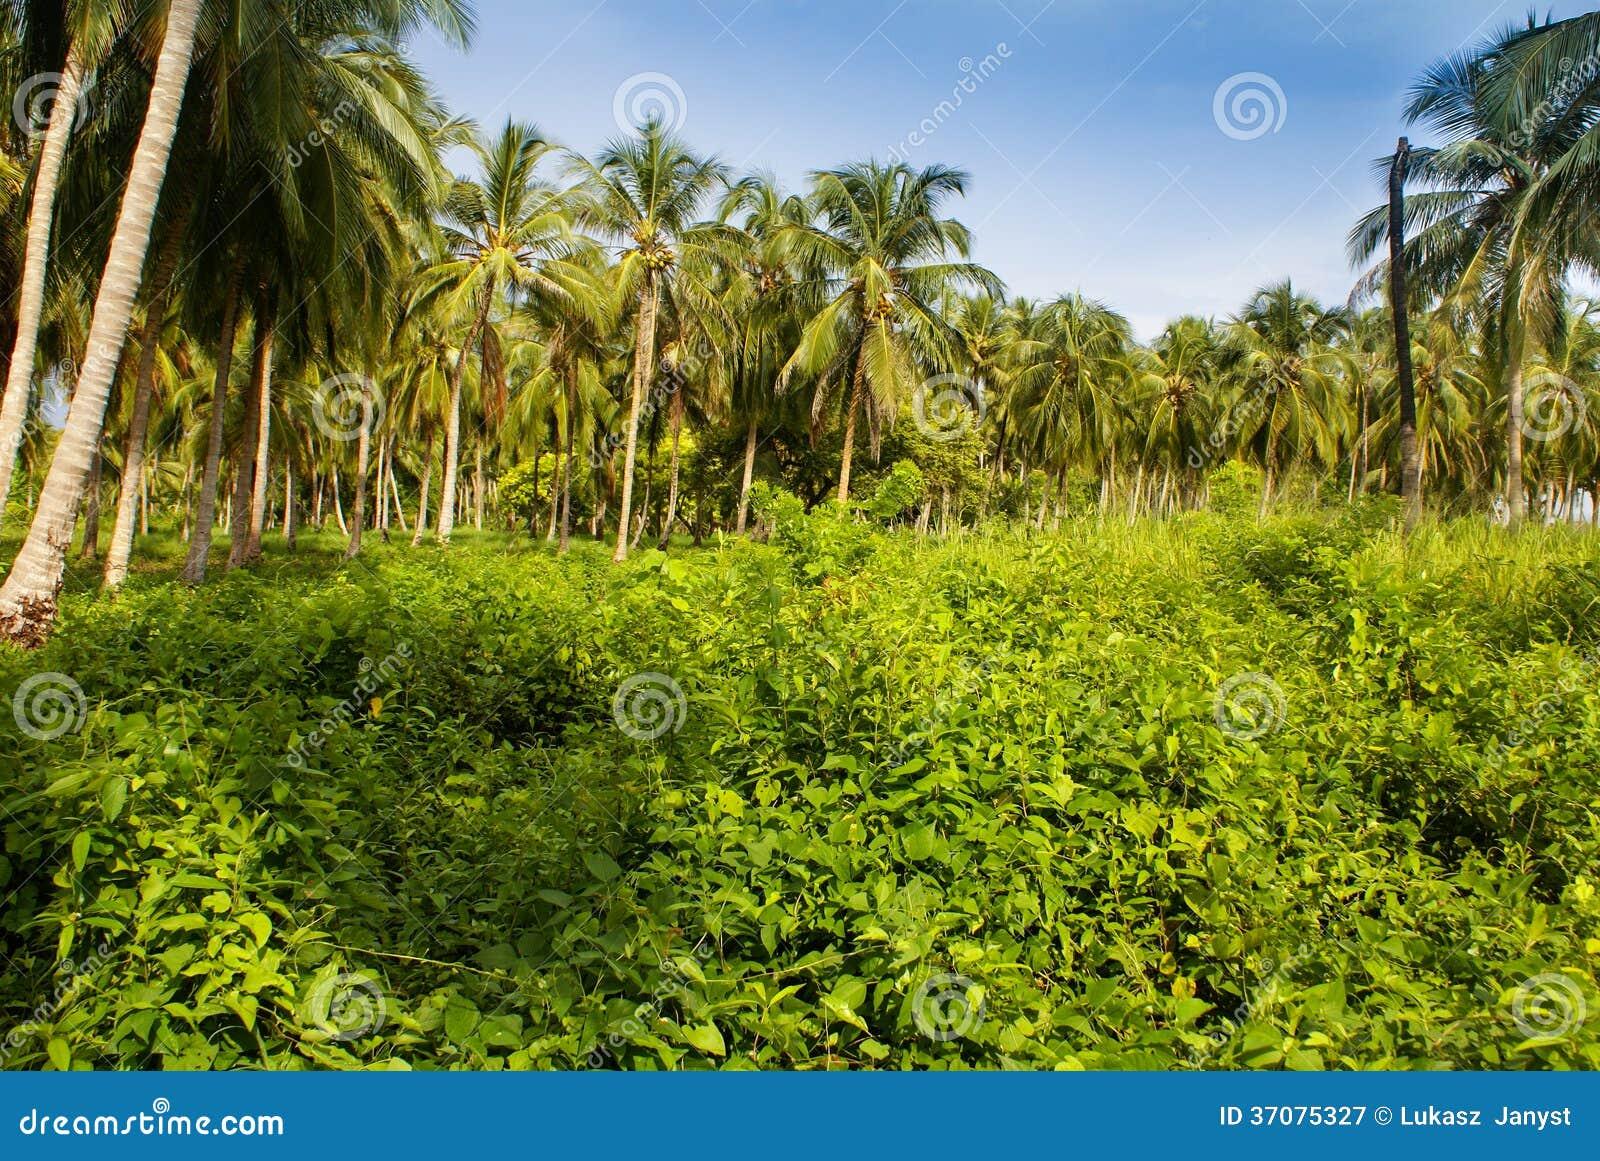 Download Zielony Palmowy Las W Kolumbijskiej Wyspie Mucura Obraz Stock - Obraz złożonej z rosario, morze: 37075327